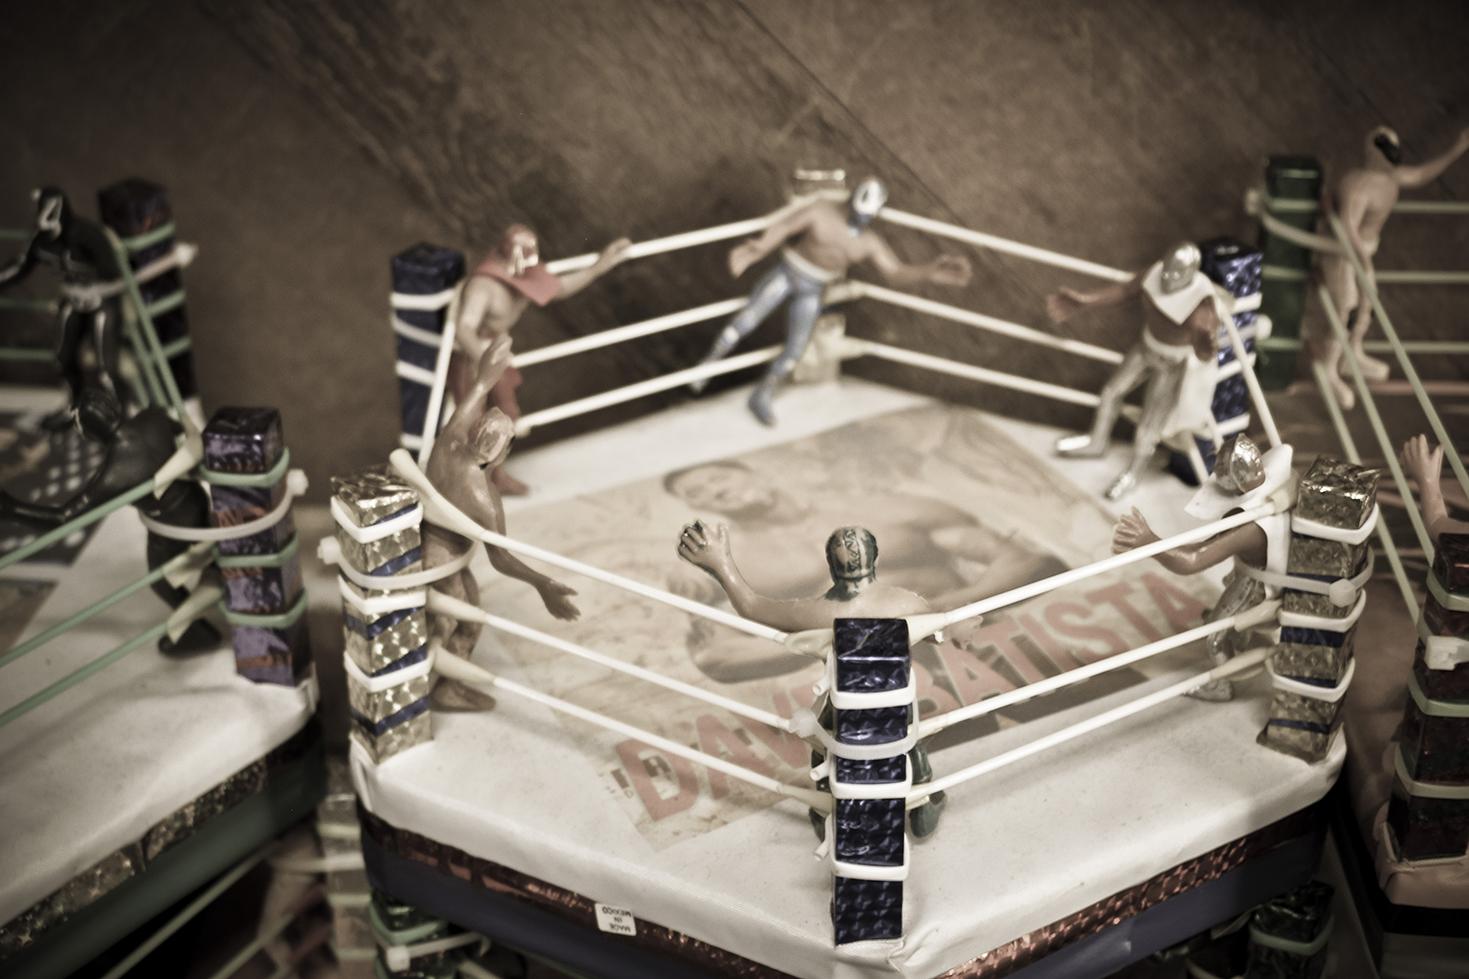 DSCF1037 luchas in ring 4x6_.jpg